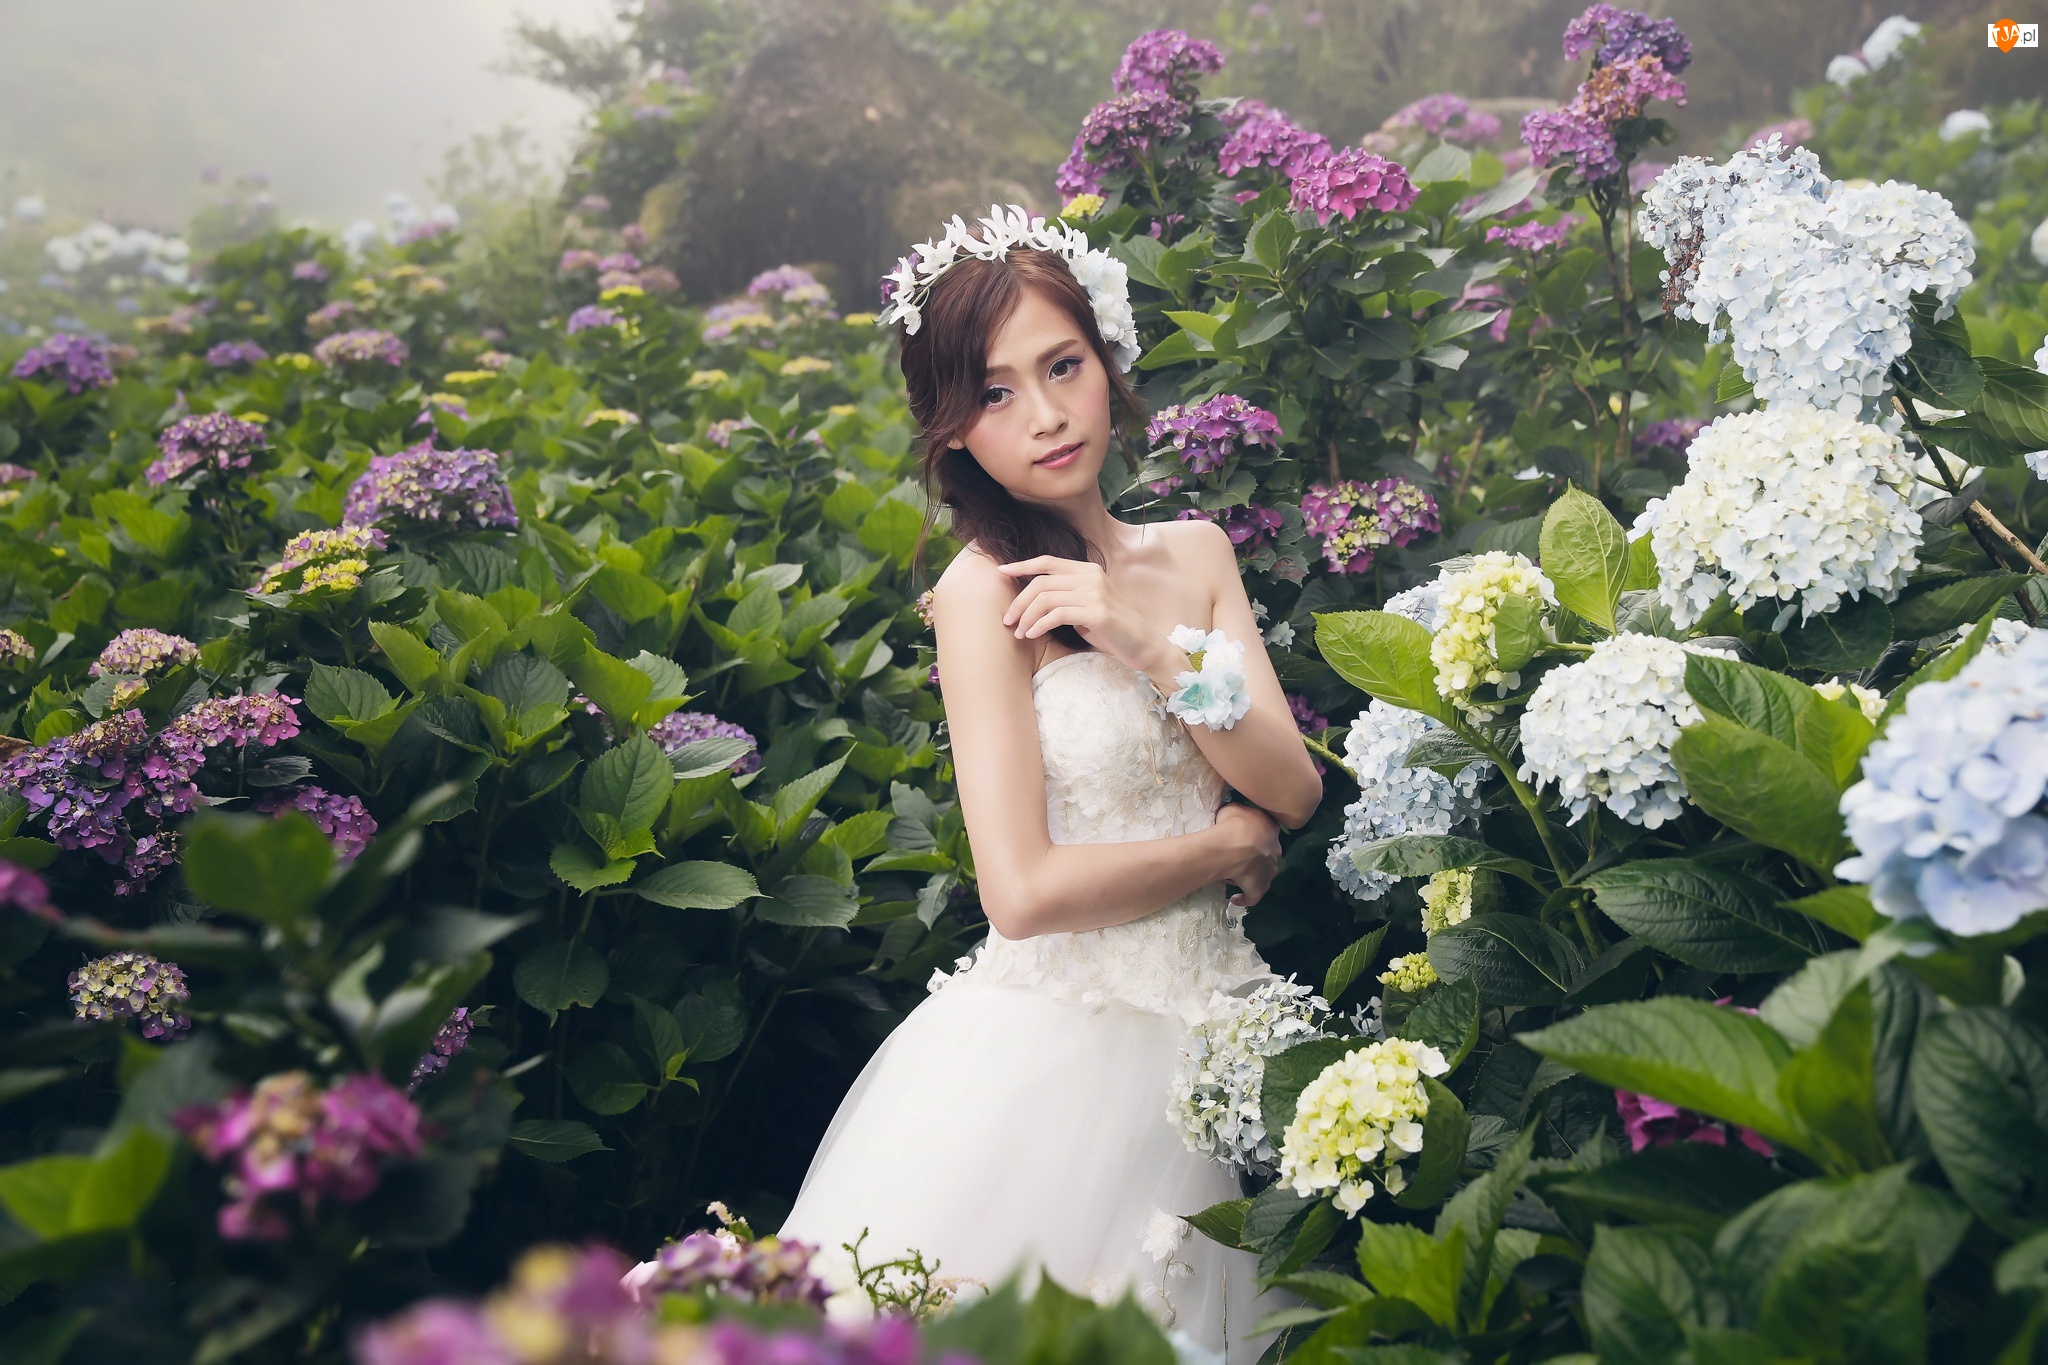 Panna młoda, Hortensje, Azjatka, Kobieta, Kwiaty